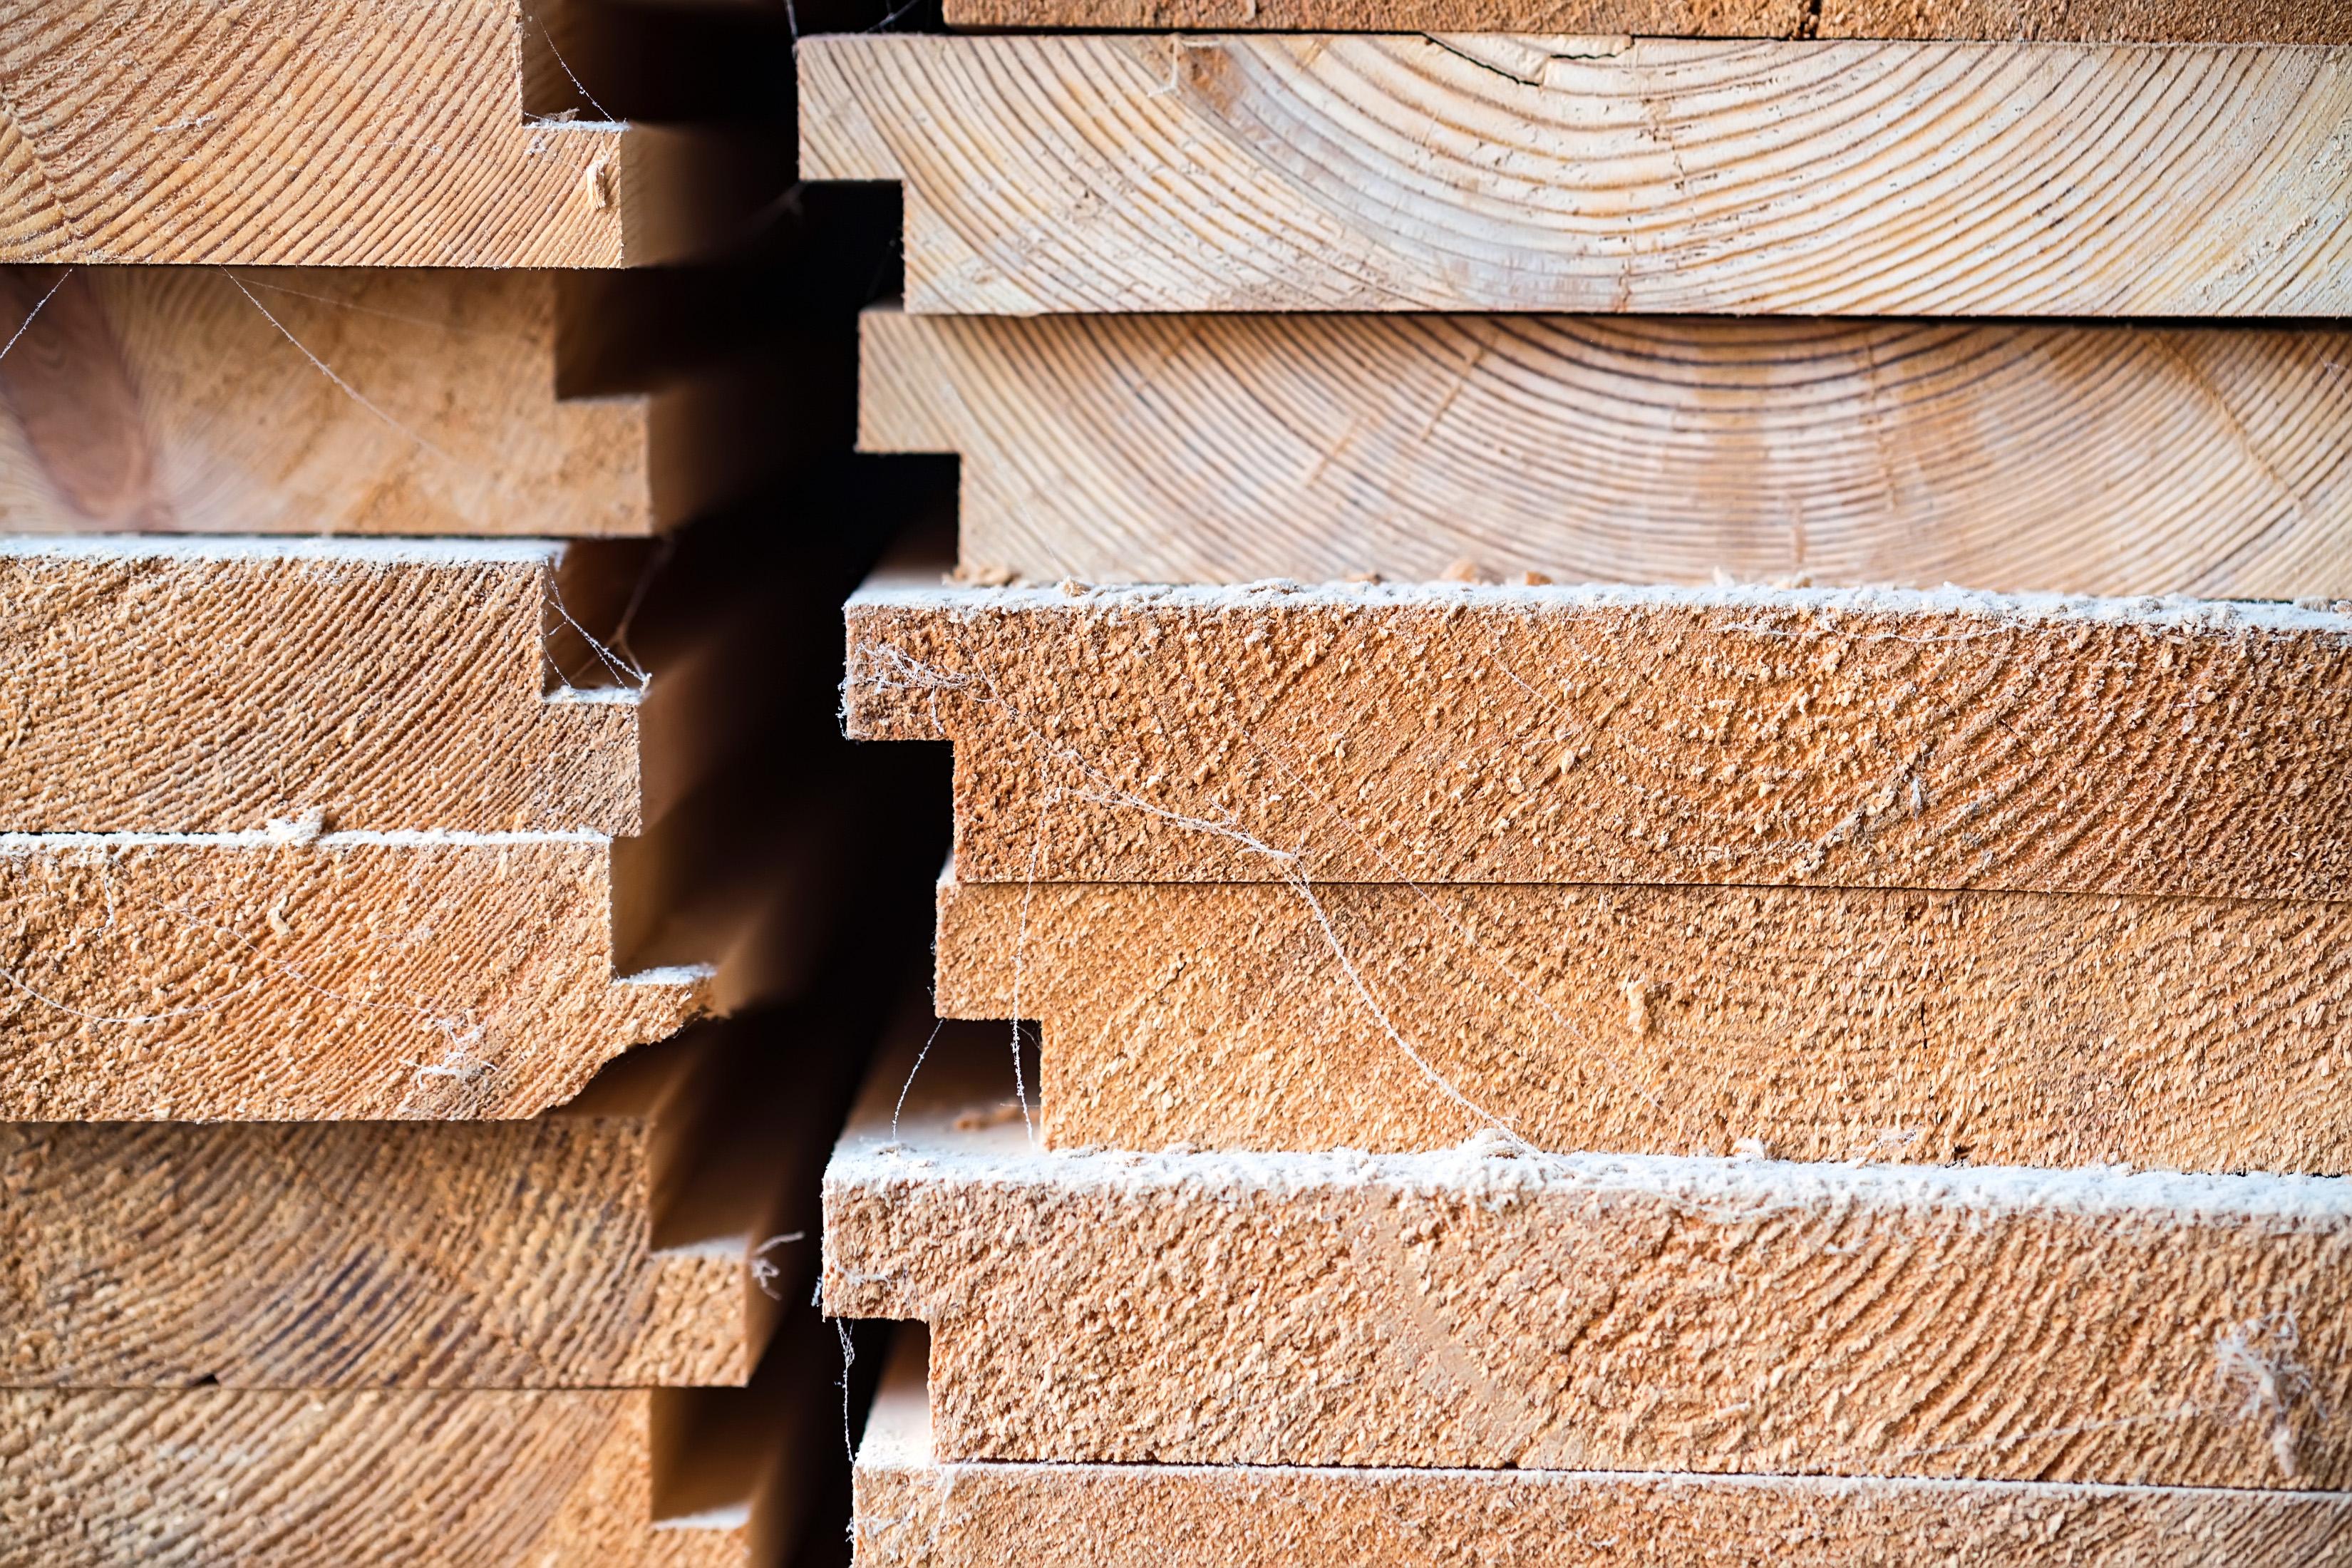 Quels sont les prix des matériaux éco-responsables à utiliser pour la construction et rénovation de votre logement ?